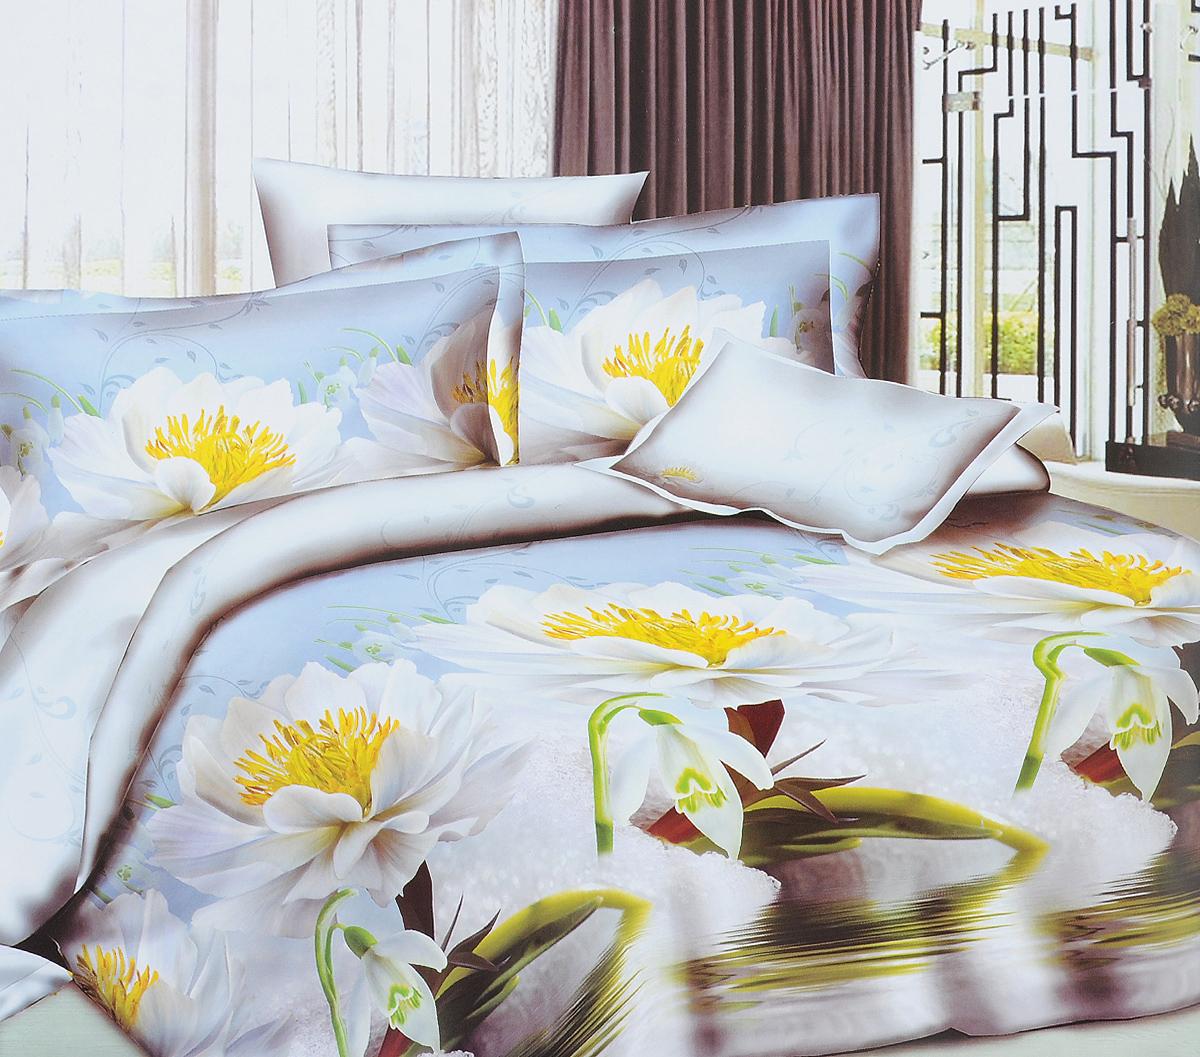 Комплект белья ЭГО Лето, 2-спальный, наволочки 70x70Э-2033-02Комплект постельного белья ЭГО Лето выполнен из полисатина (50% хлопка, 50% полиэстера). Комплект состоит из пододеяльника, простыни и двух наволочек. Постельное белье, оформленное цветочным принтом, имеет изысканный внешний вид и яркую цветовую гамму. Наволочки застегиваются на клапаны. Гладкая структура делает ткань приятной на ощупь, мягкой и нежной, при этом она прочная и хорошо сохраняет форму. Ткань легко гладится, не линяет и не садится. Благодаря такому комплекту постельного белья вы сможете создать атмосферу роскоши и романтики в вашей спальне. Советы по выбору постельного белья от блогера Ирины Соковых. Статья OZON Гид